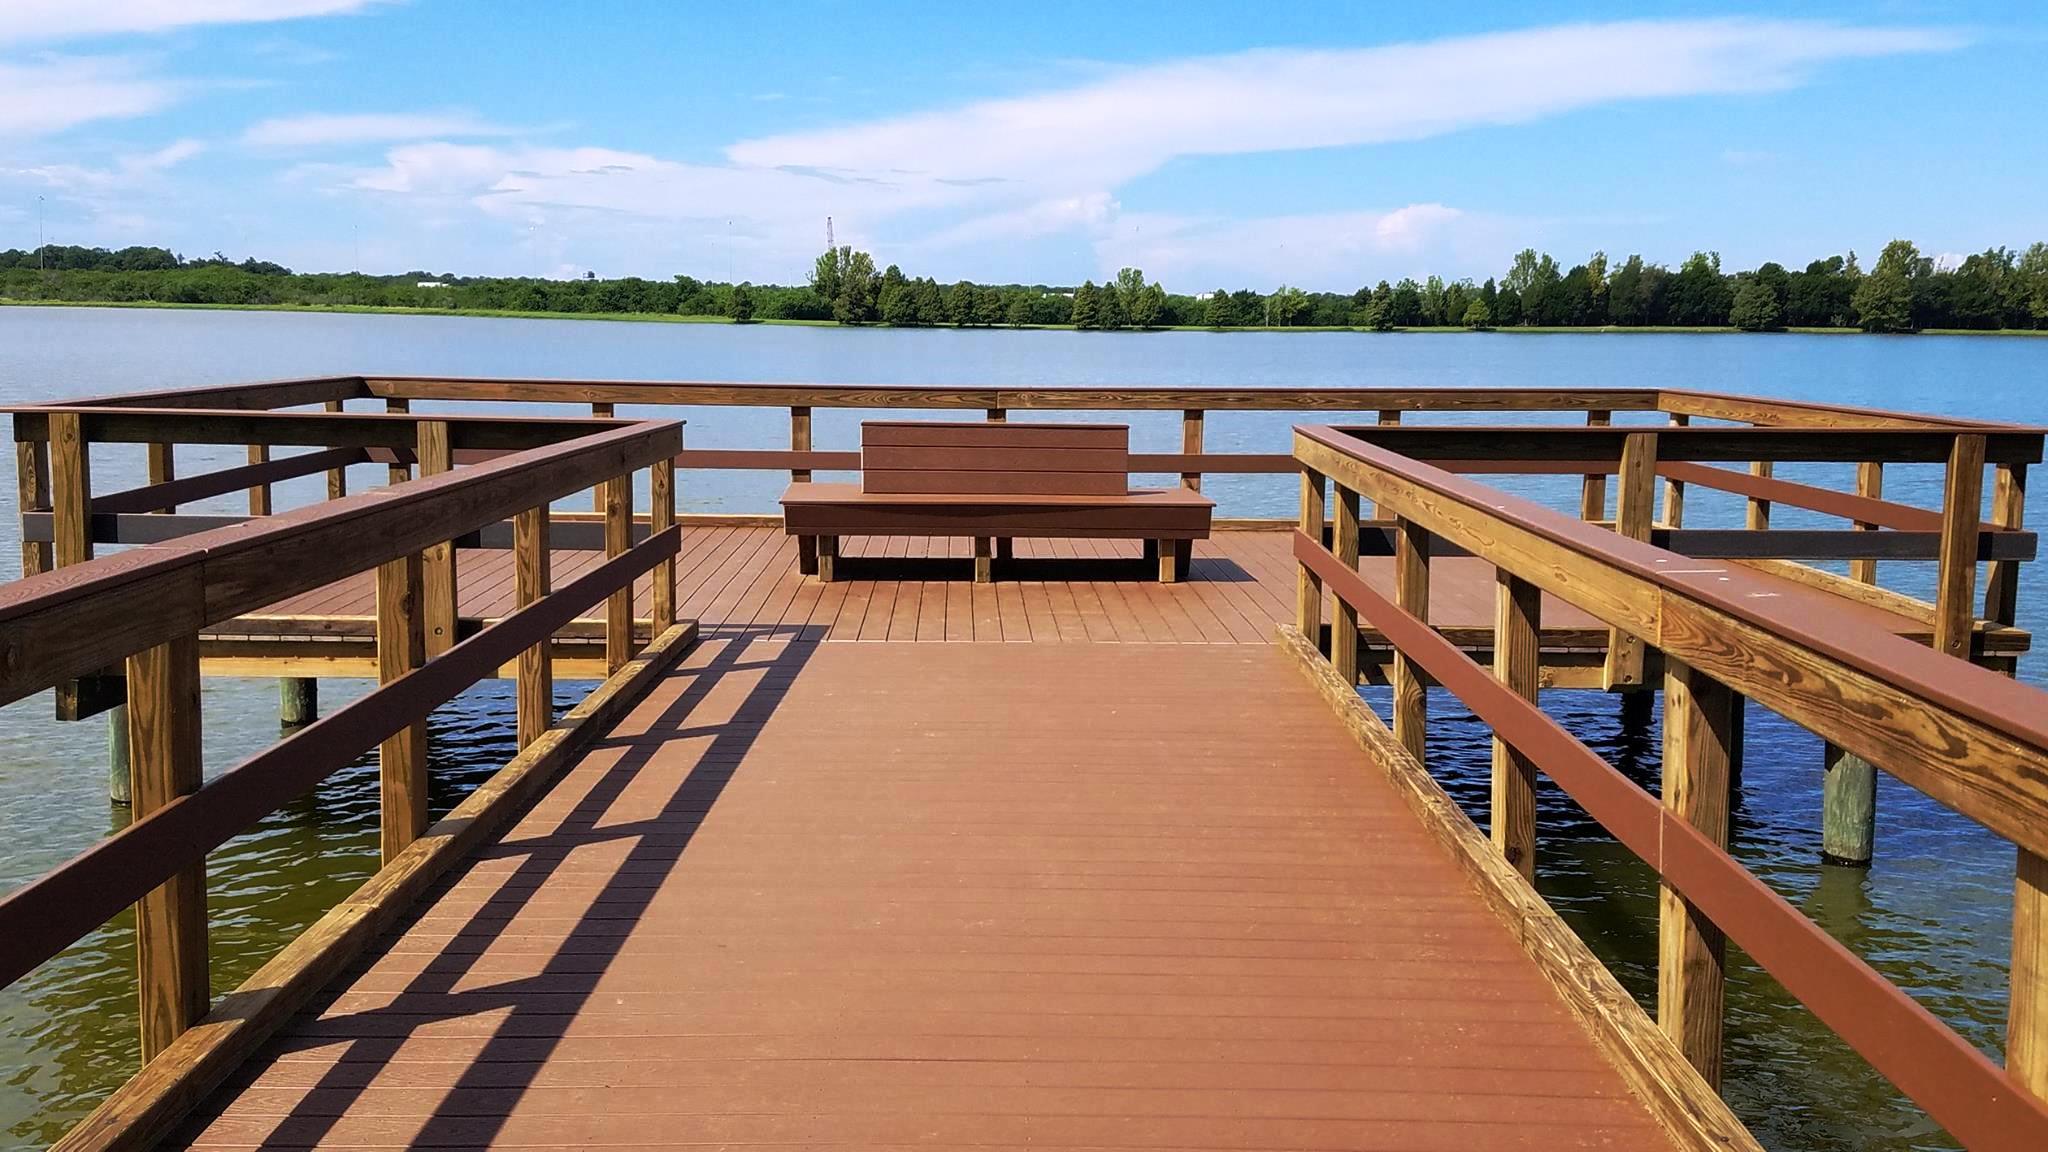 Custom Built Boat Docks & Decks